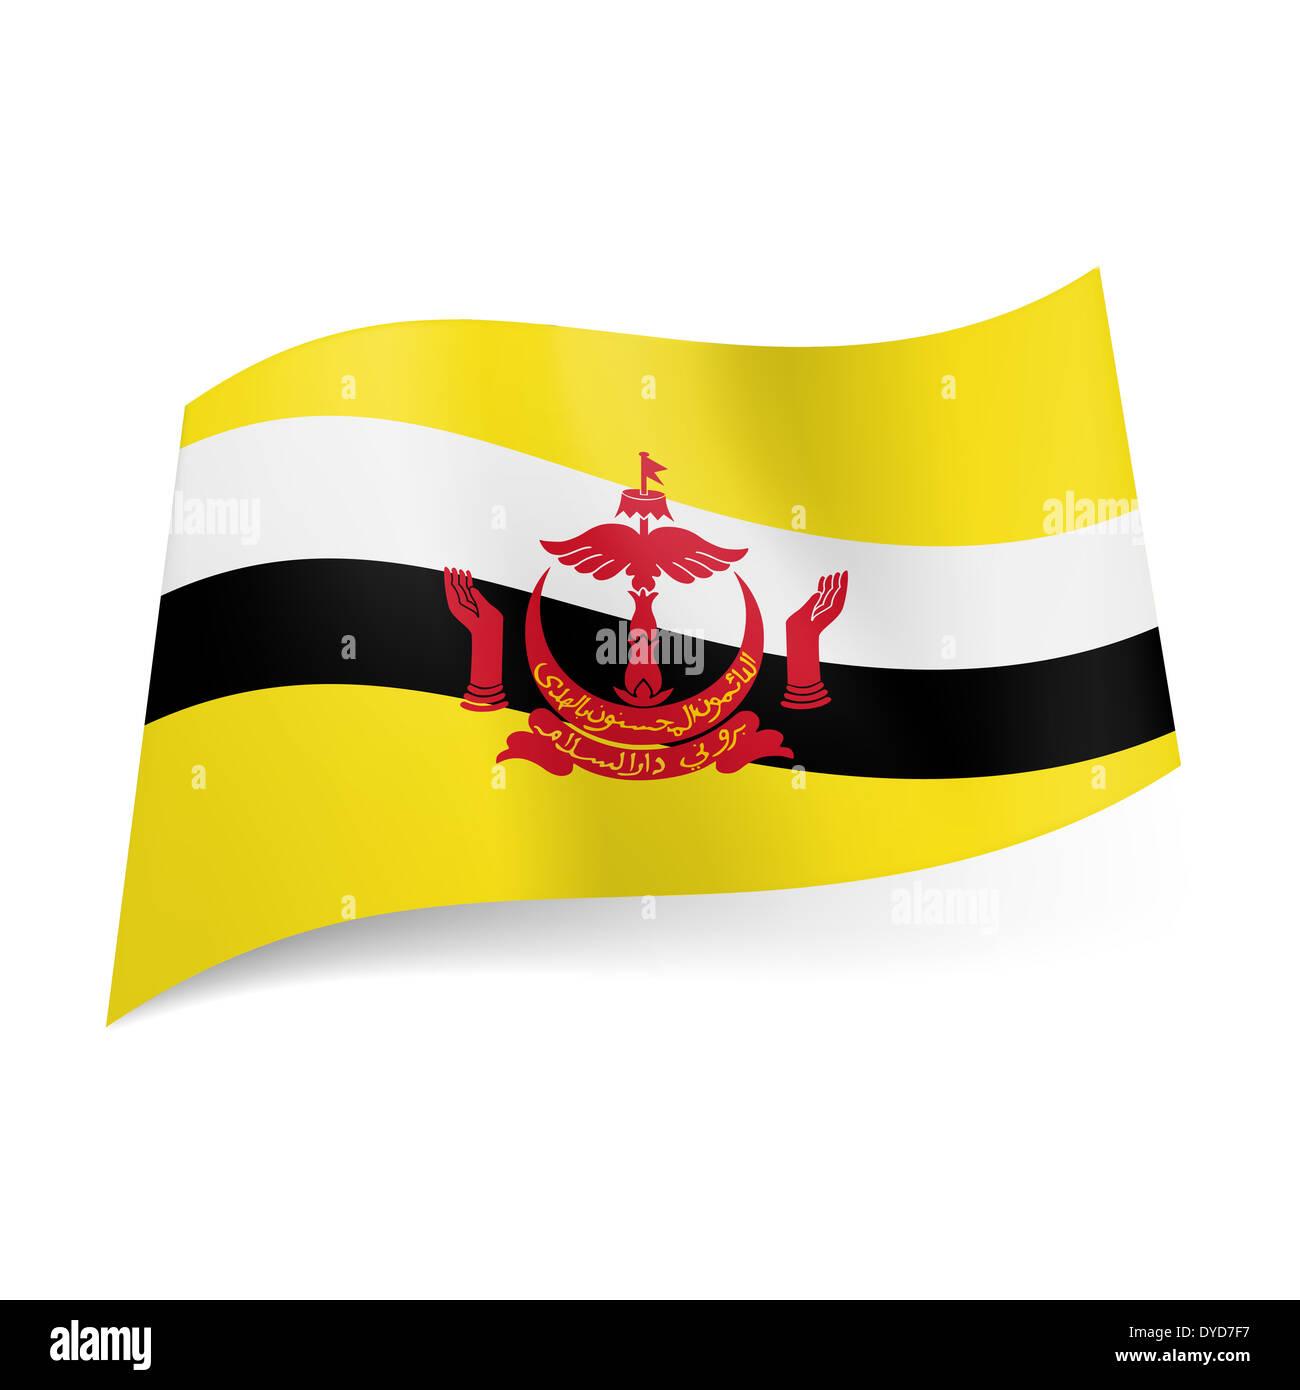 Bandiera nazionale del Brunei: bianco e nero con strisce emblema rosso su sfondo giallo Immagini Stock